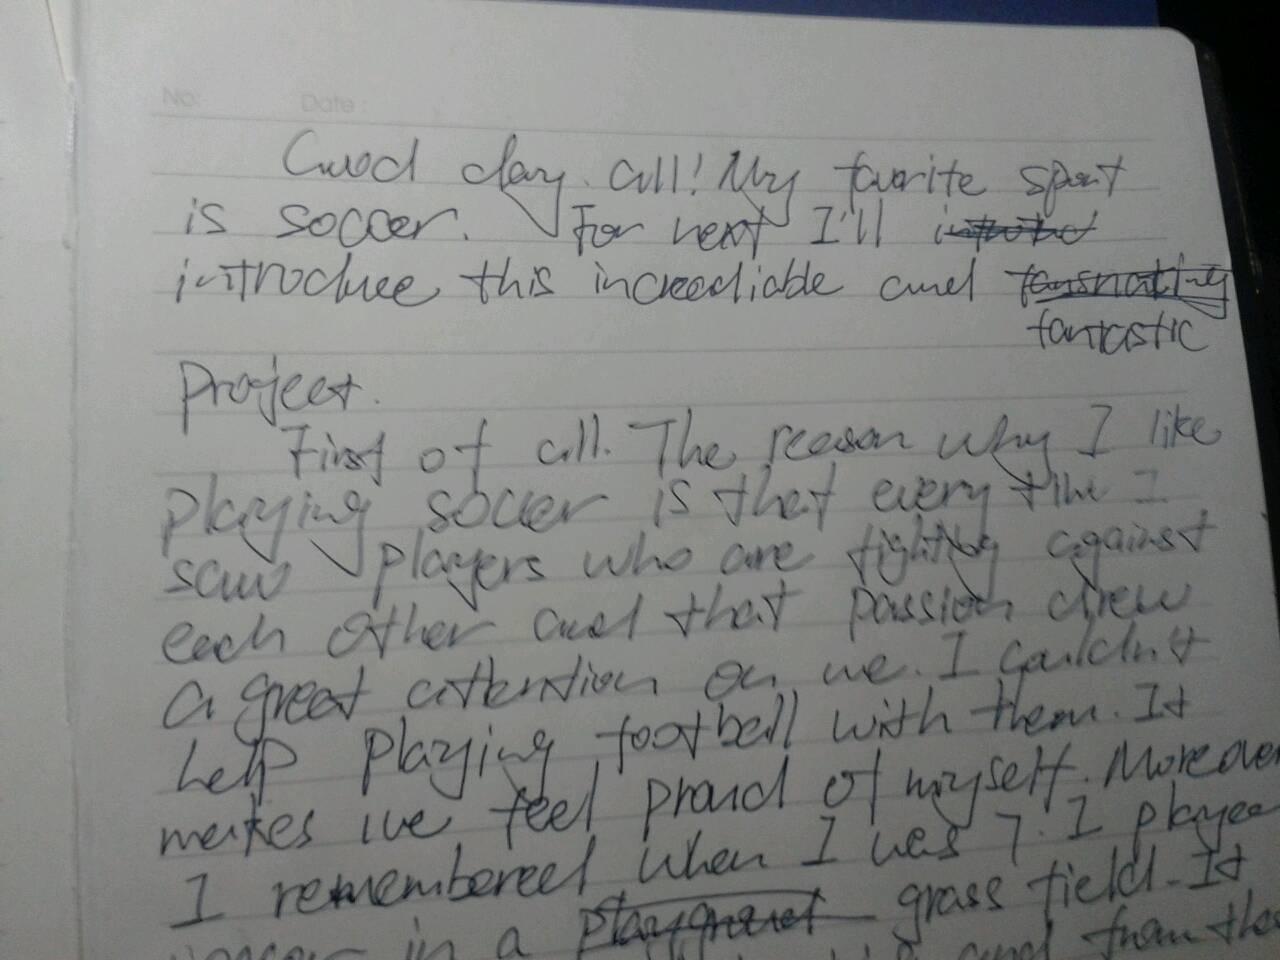 急求一篇关于暑假v麻烦的英语麻烦50字以上高中作文的很急的高中水平鄂州有什么图片